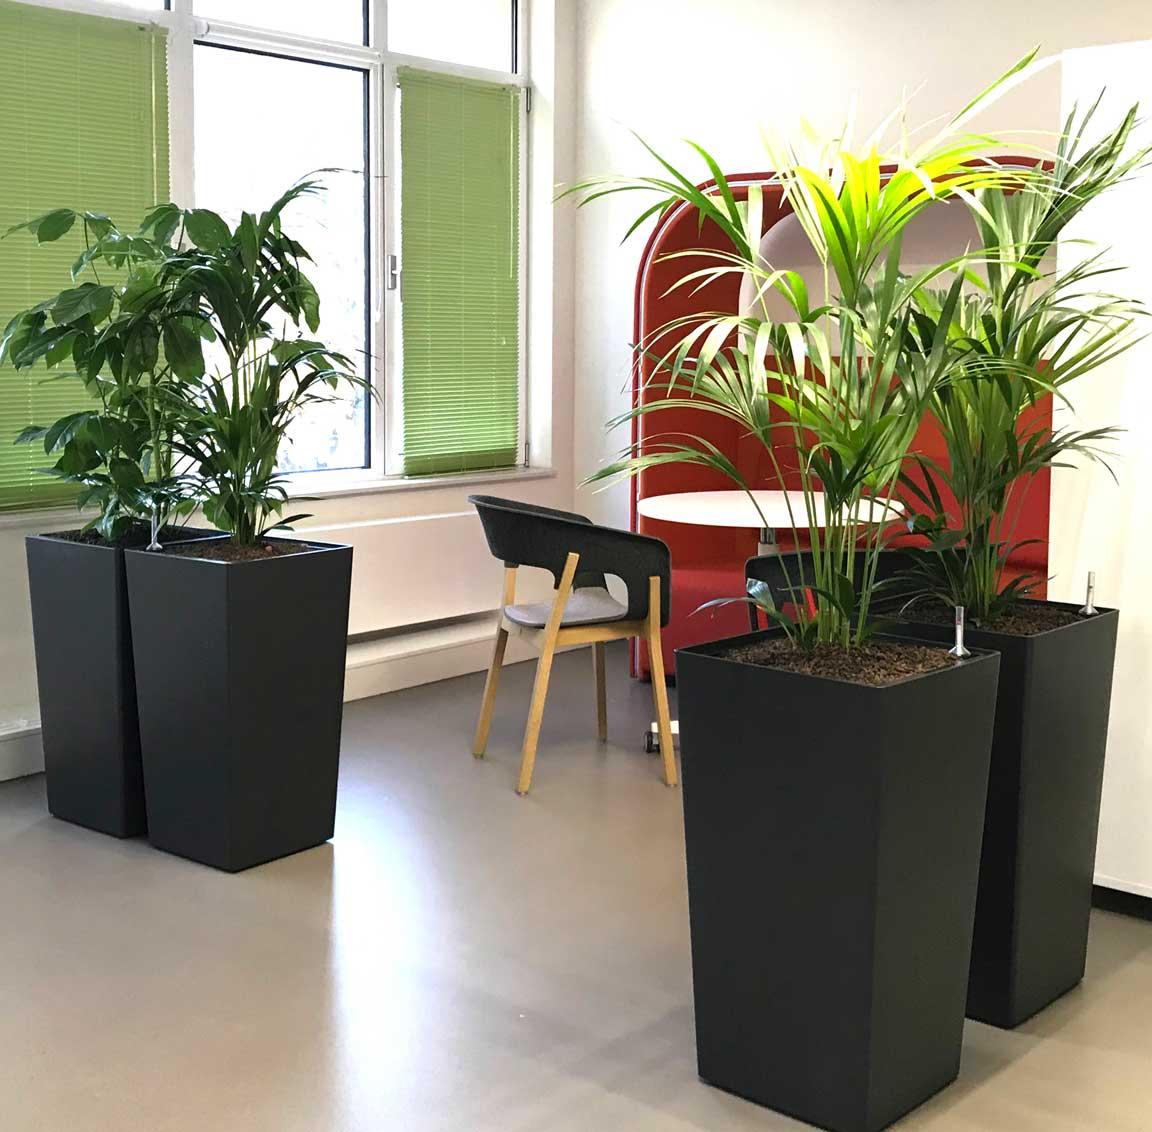 Pflanzen am Arbeitsplatz, mobile Gefäße, akzente raumbegrünung